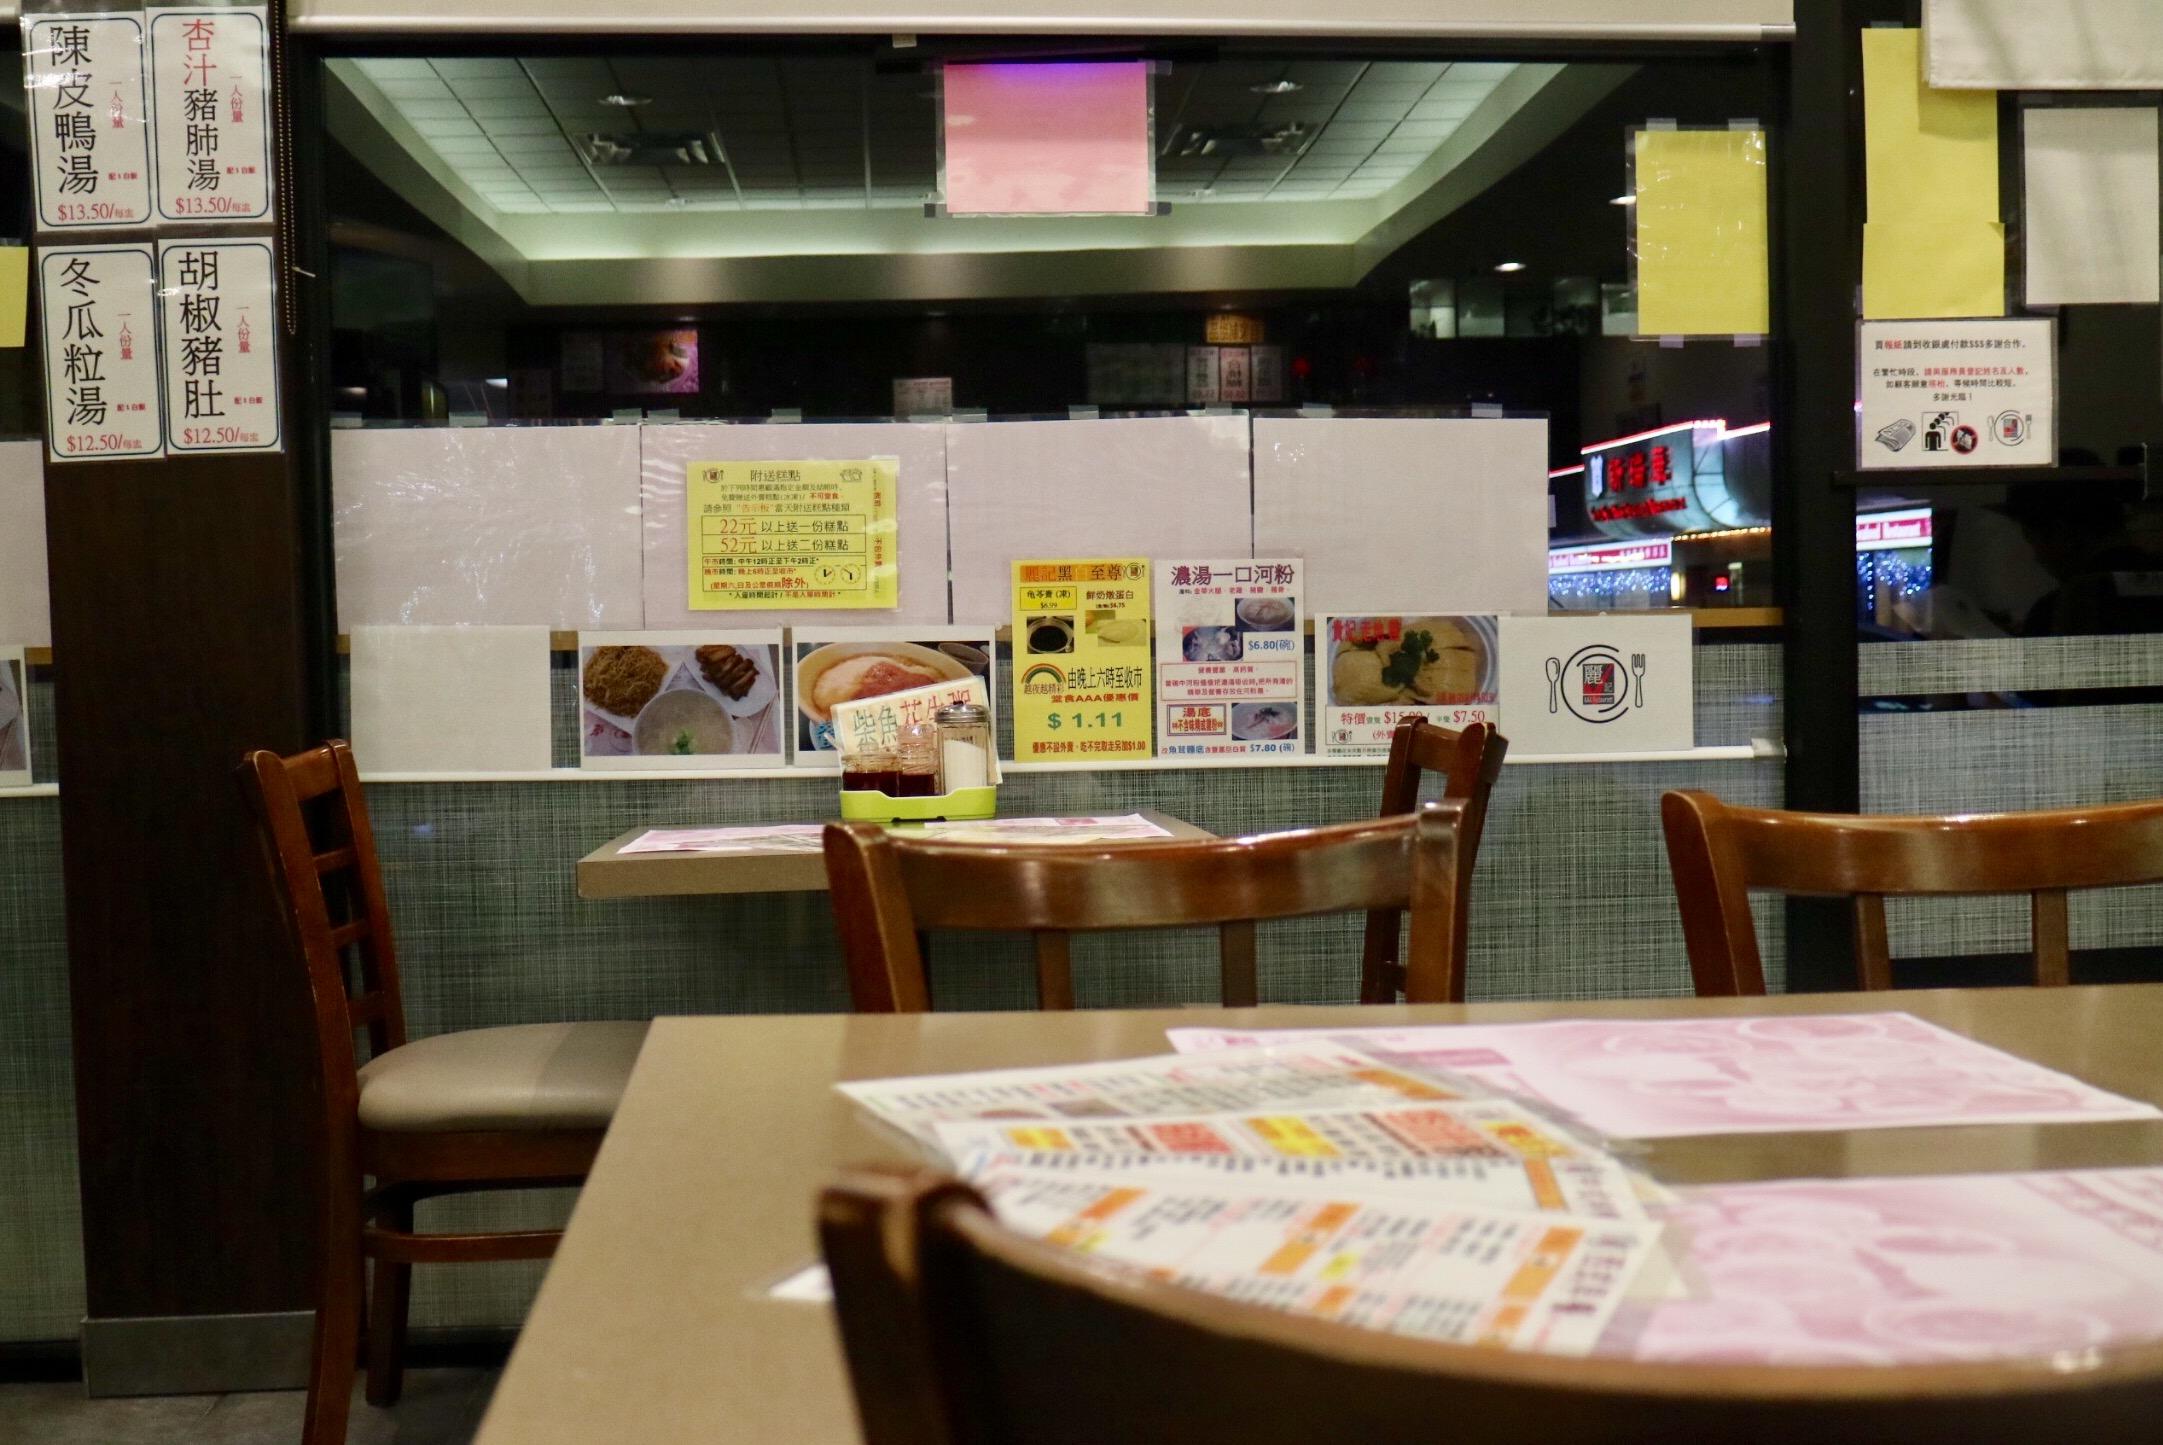 AAA Restaurant